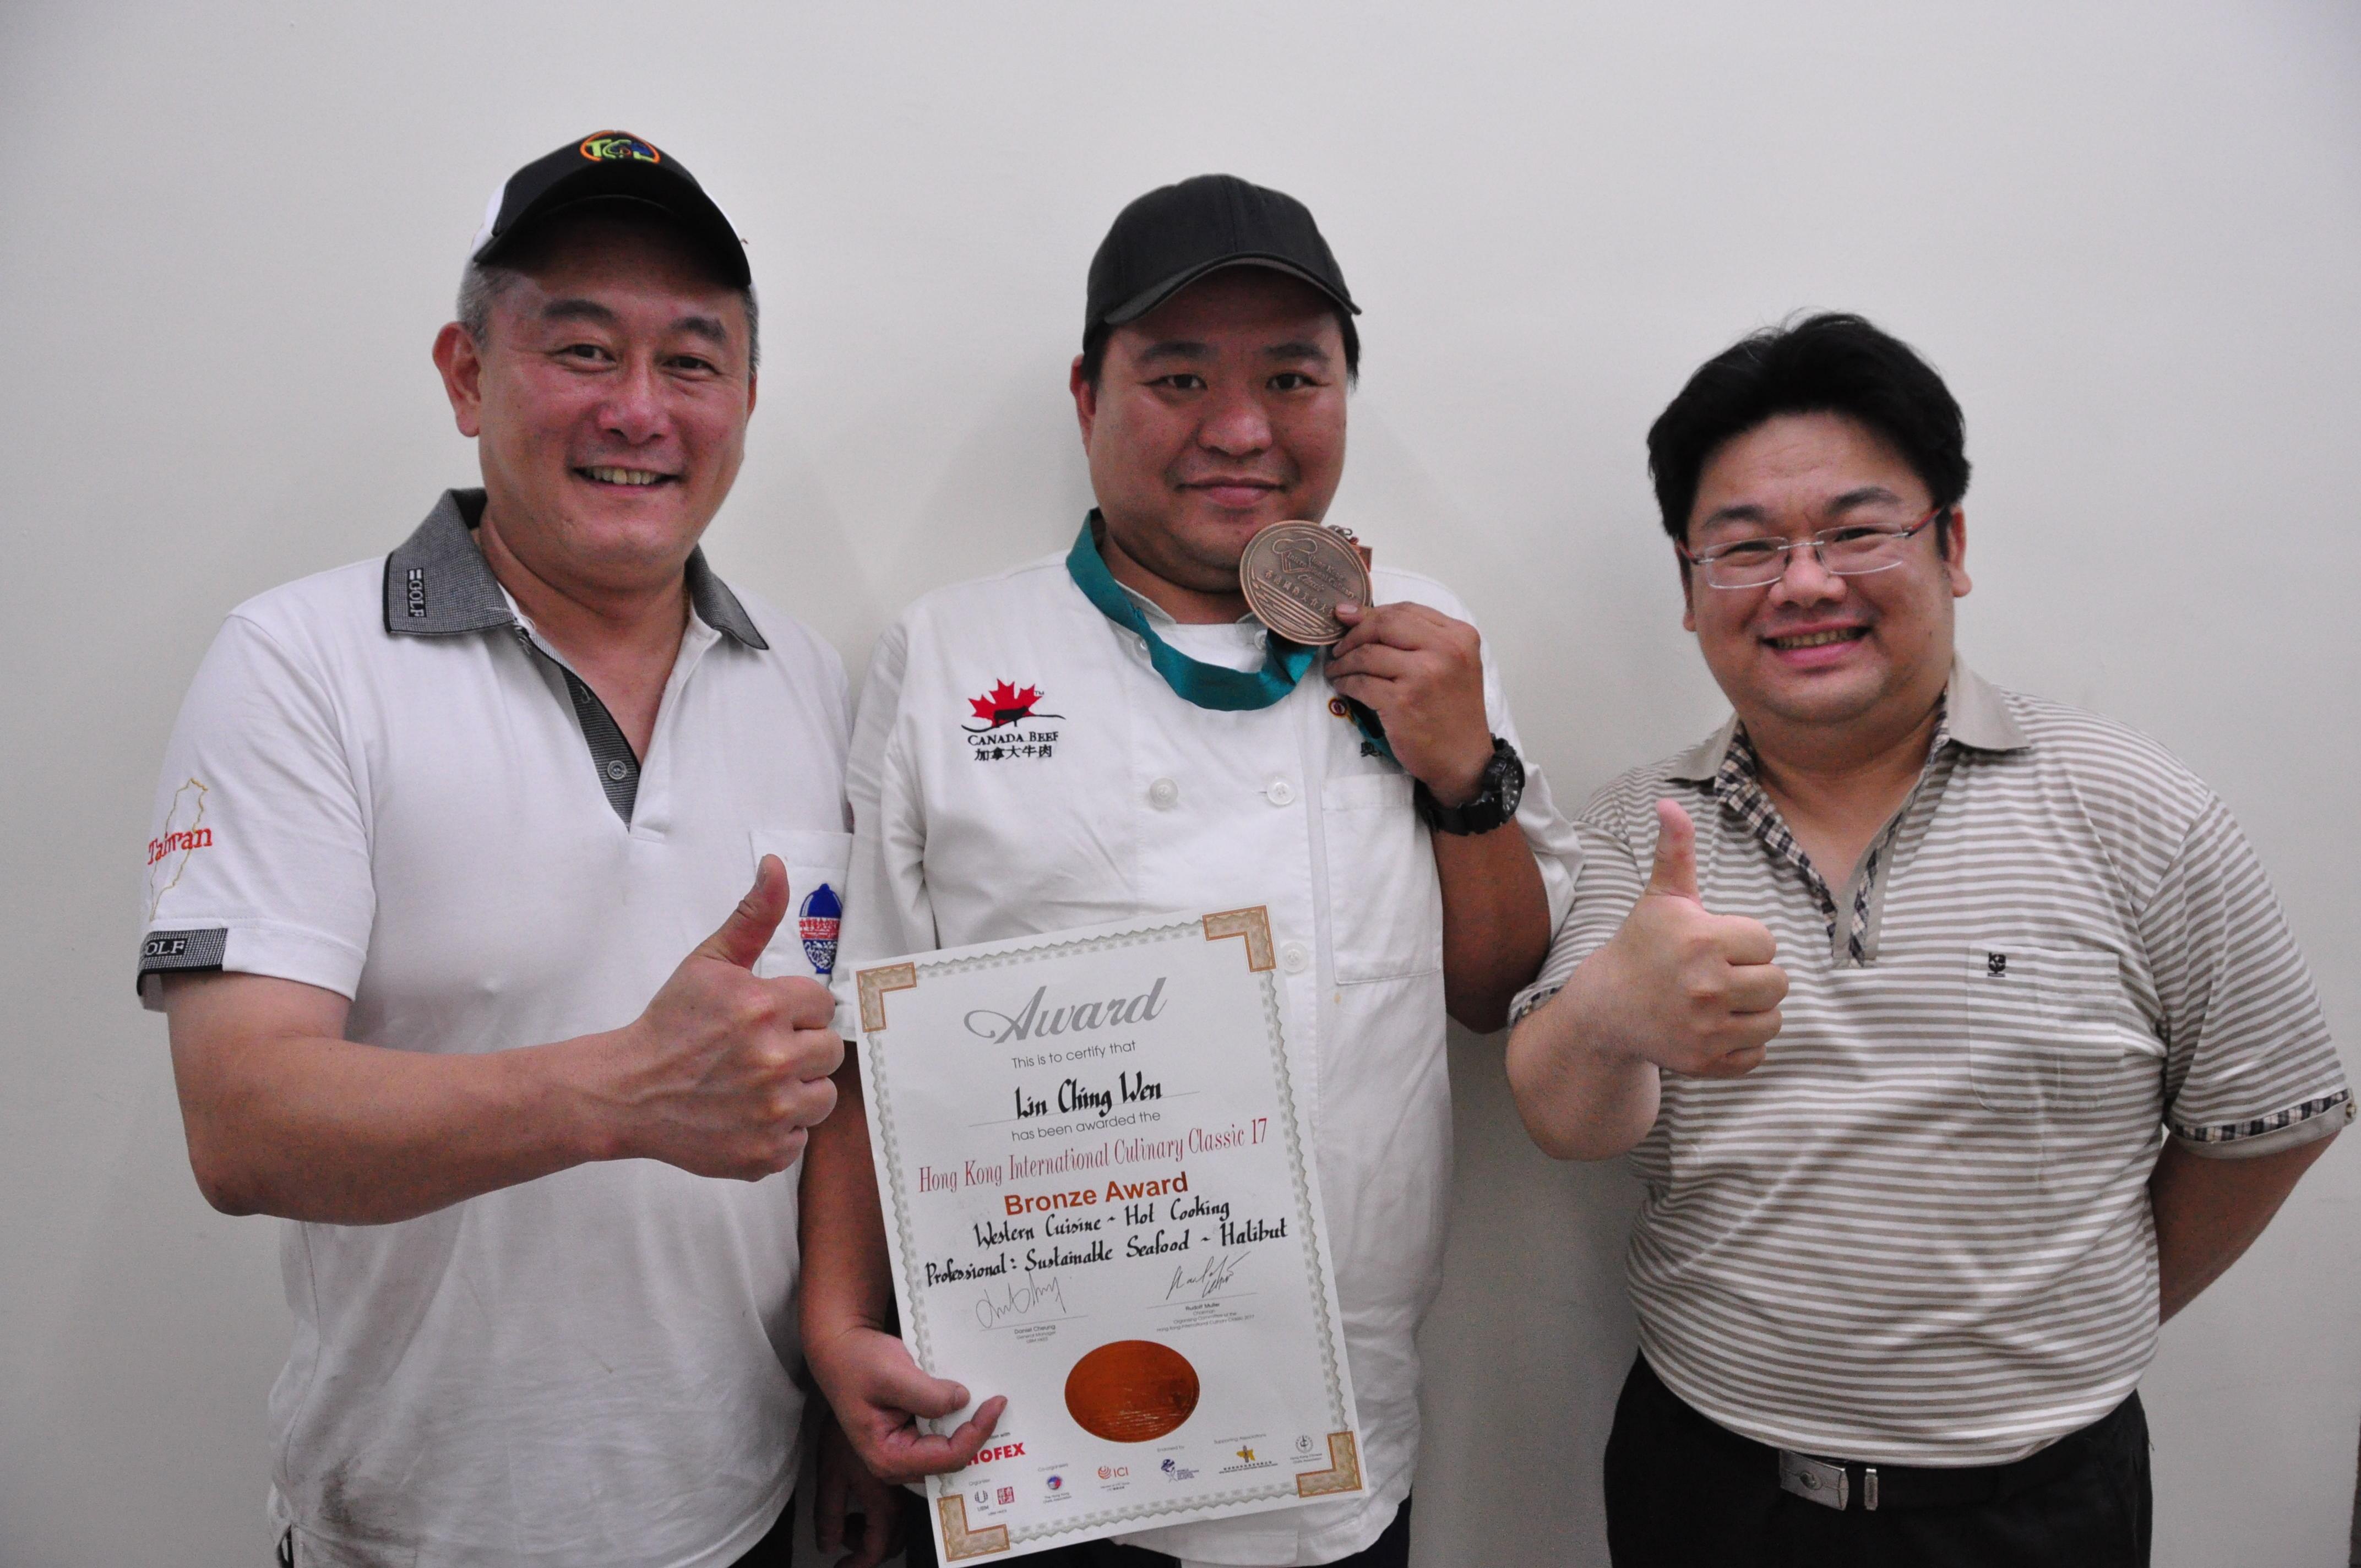 明道餐旅系學生獲香港國際美食賽海鮮類銅牌-明道大學